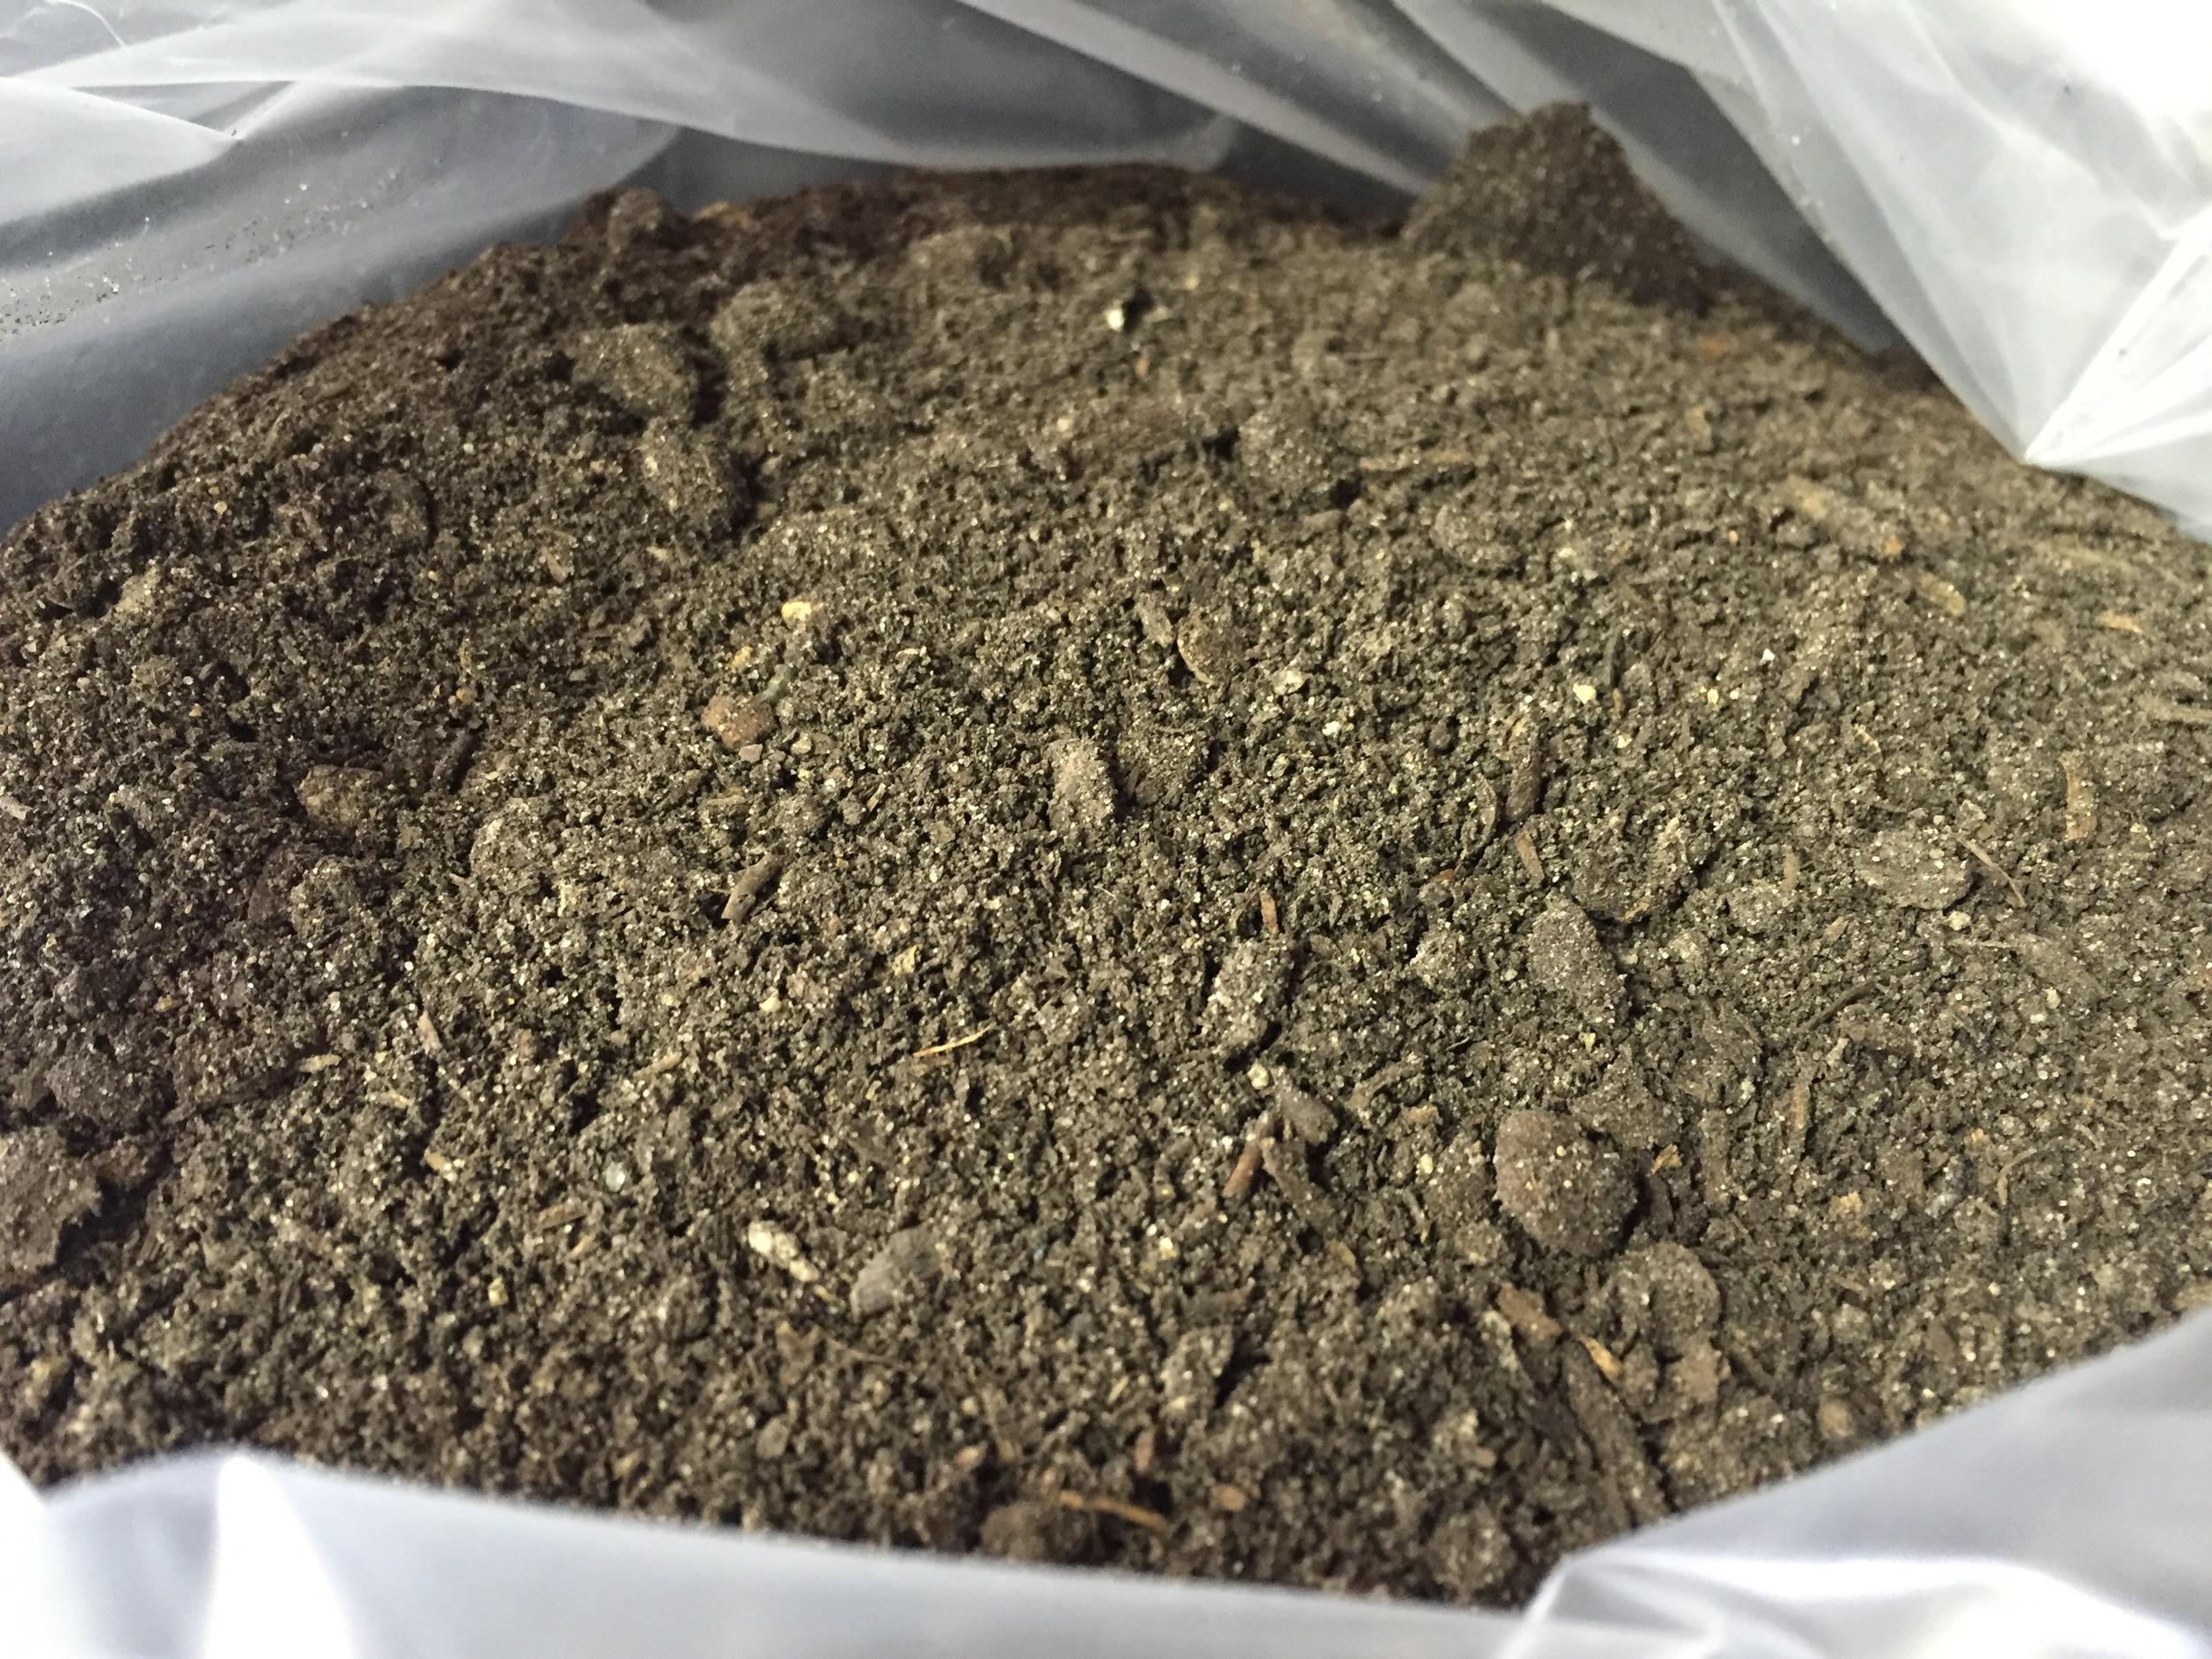 Williamson's Super Soil